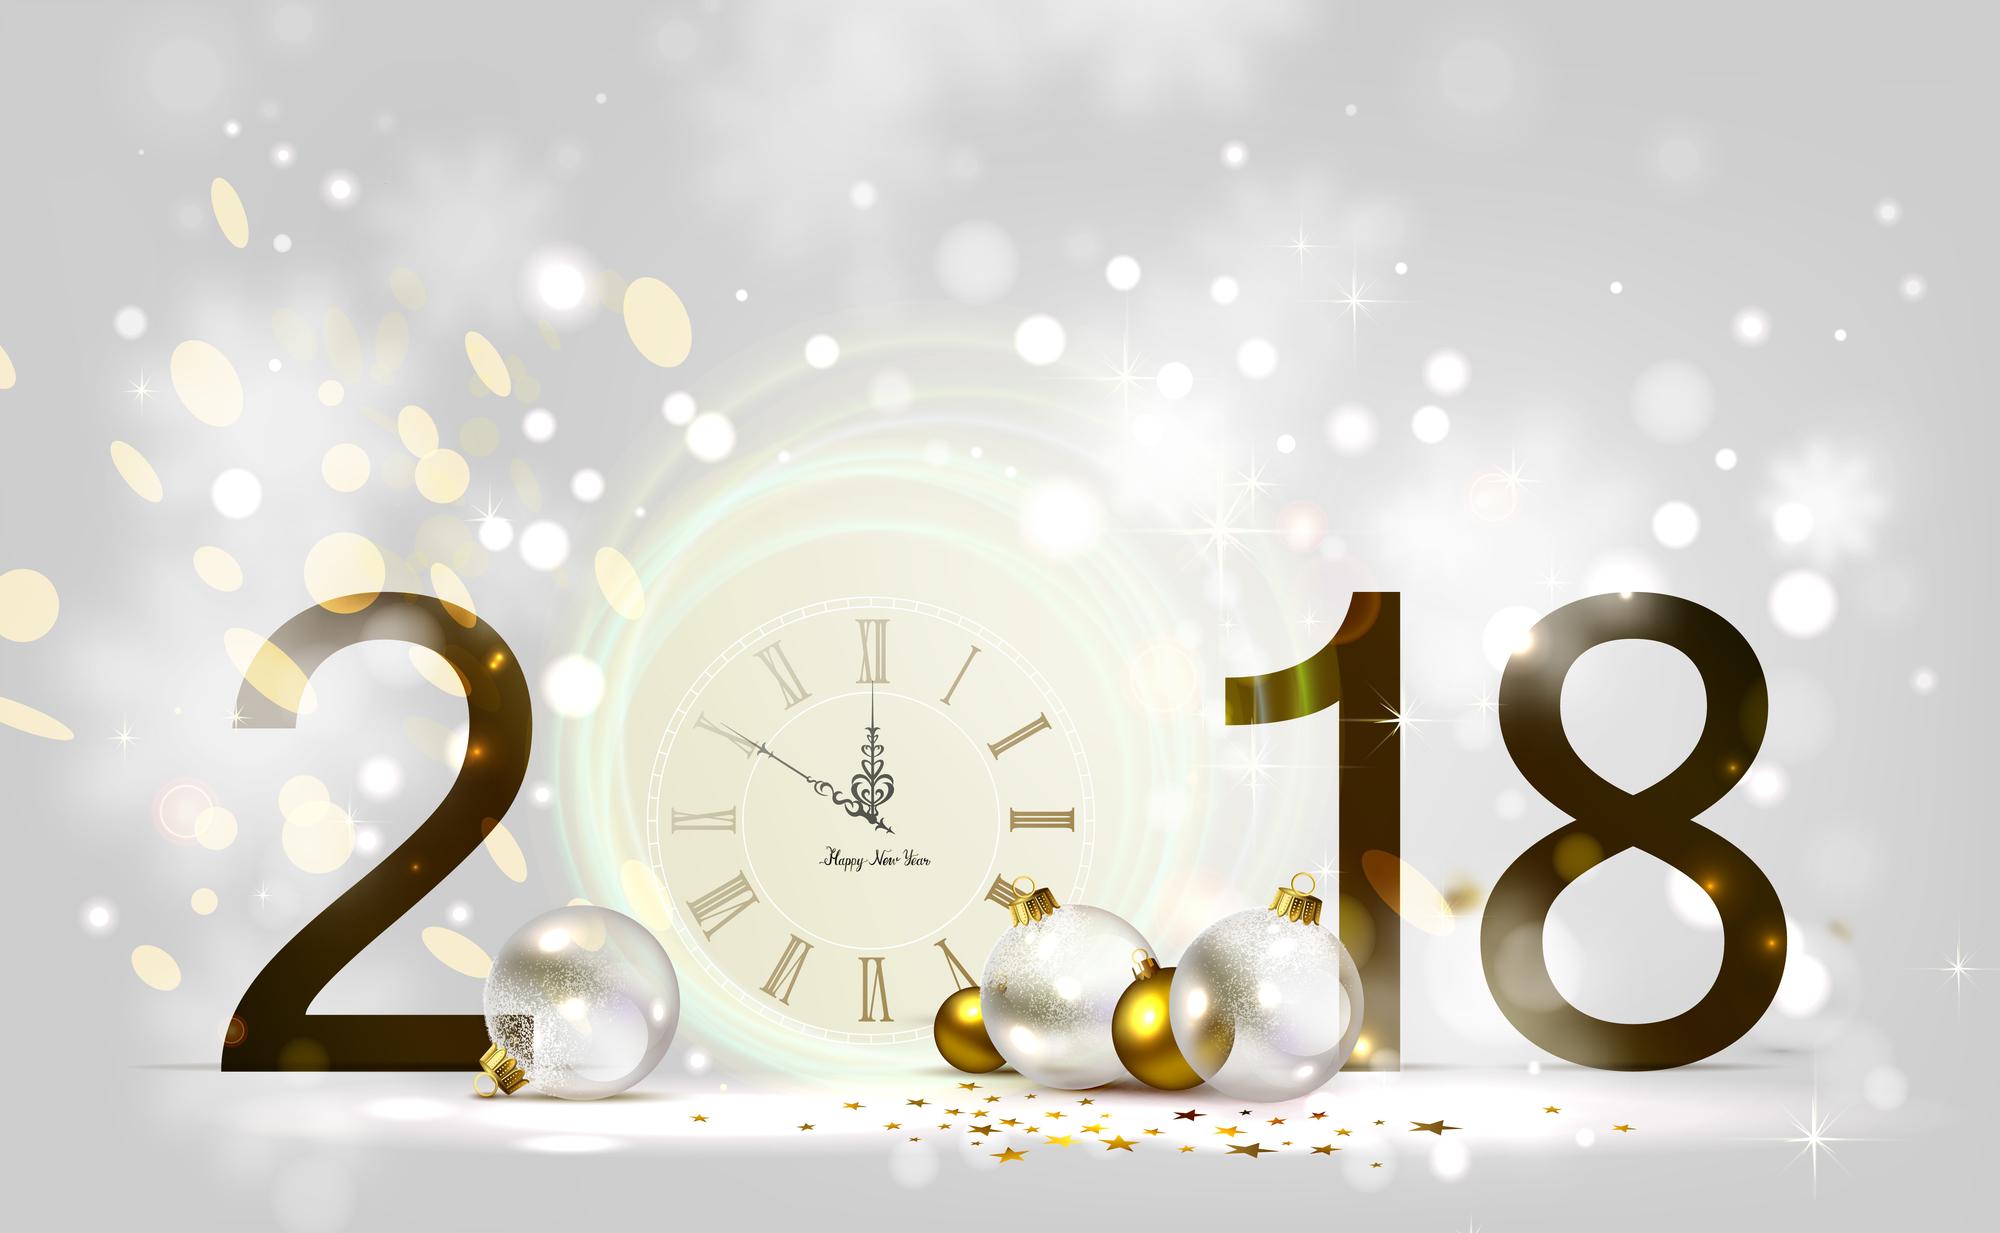 sms bonne ann e 2018 sms pour le nouvel an 2018 amourissima mots d 39 amour sms d 39 amour. Black Bedroom Furniture Sets. Home Design Ideas